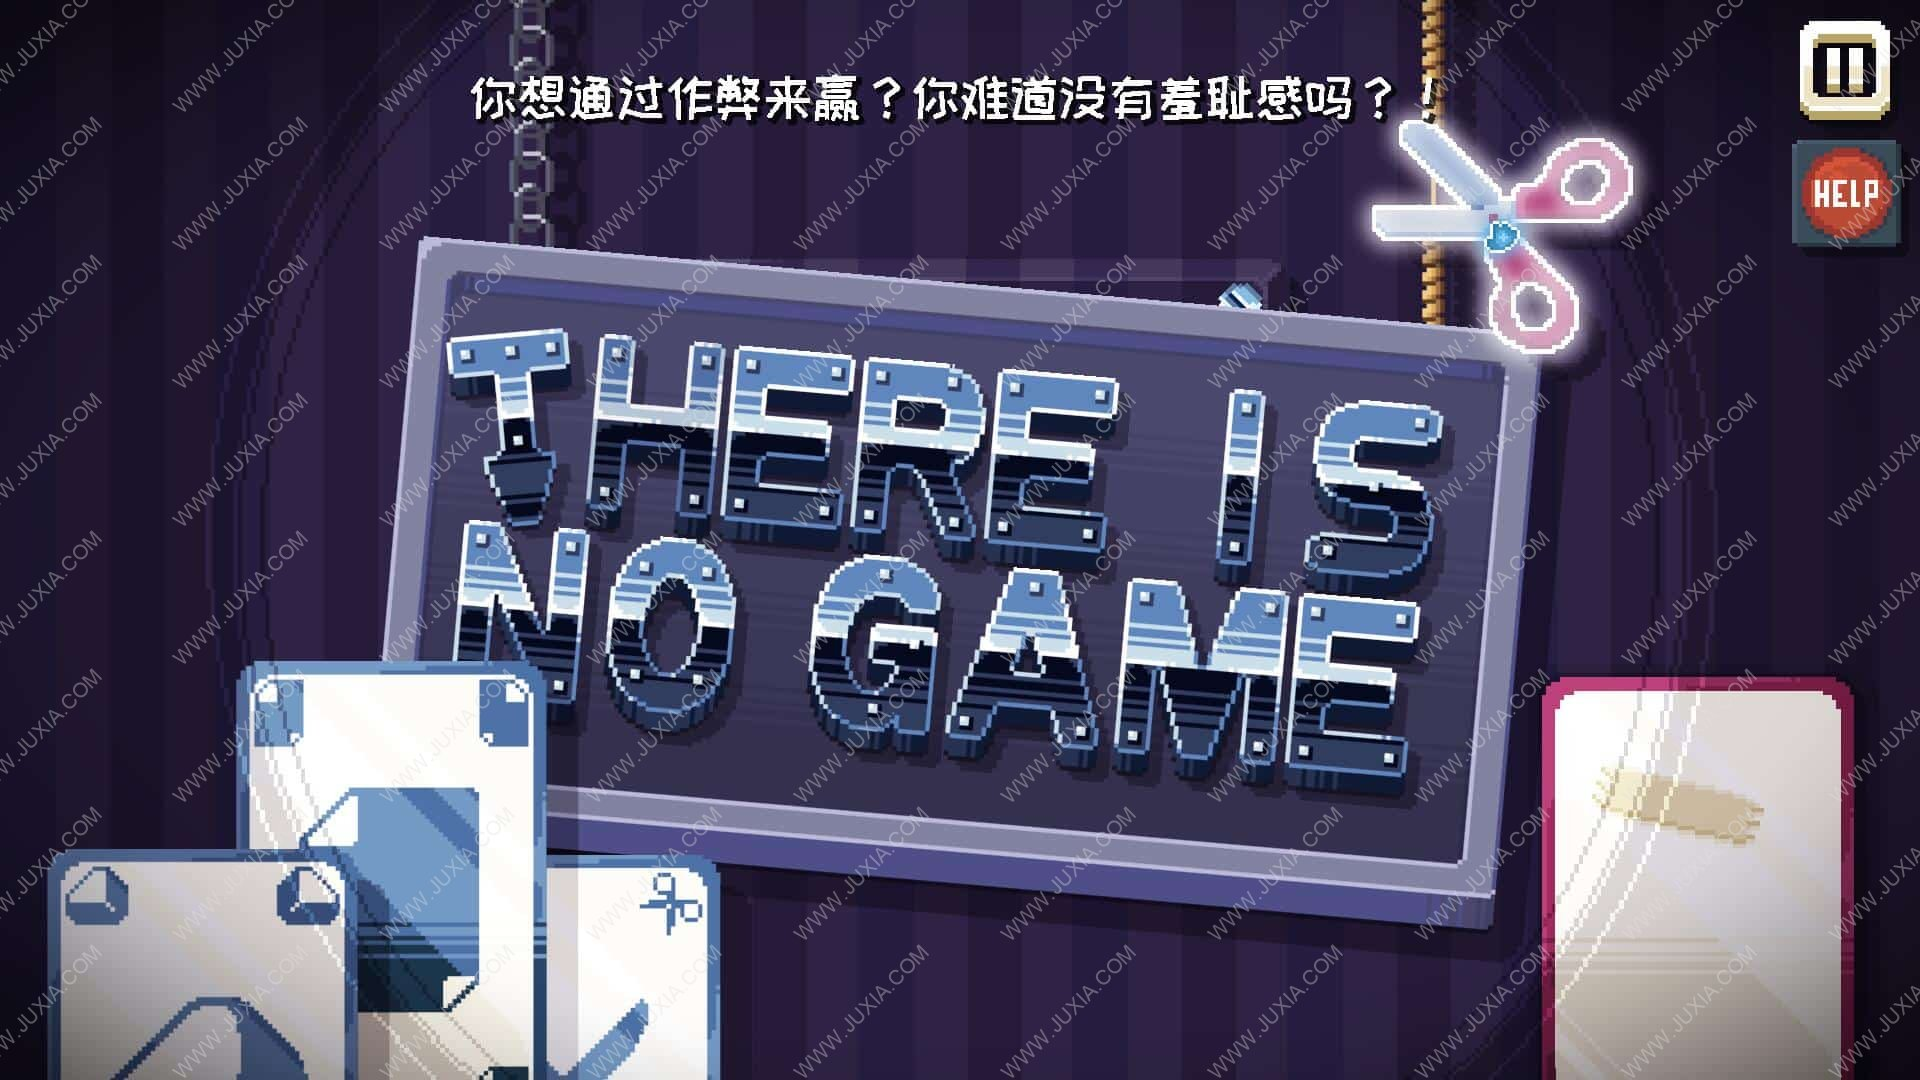 这里没有游戏攻略第一章上 ThereIsNoGame图文攻略详解